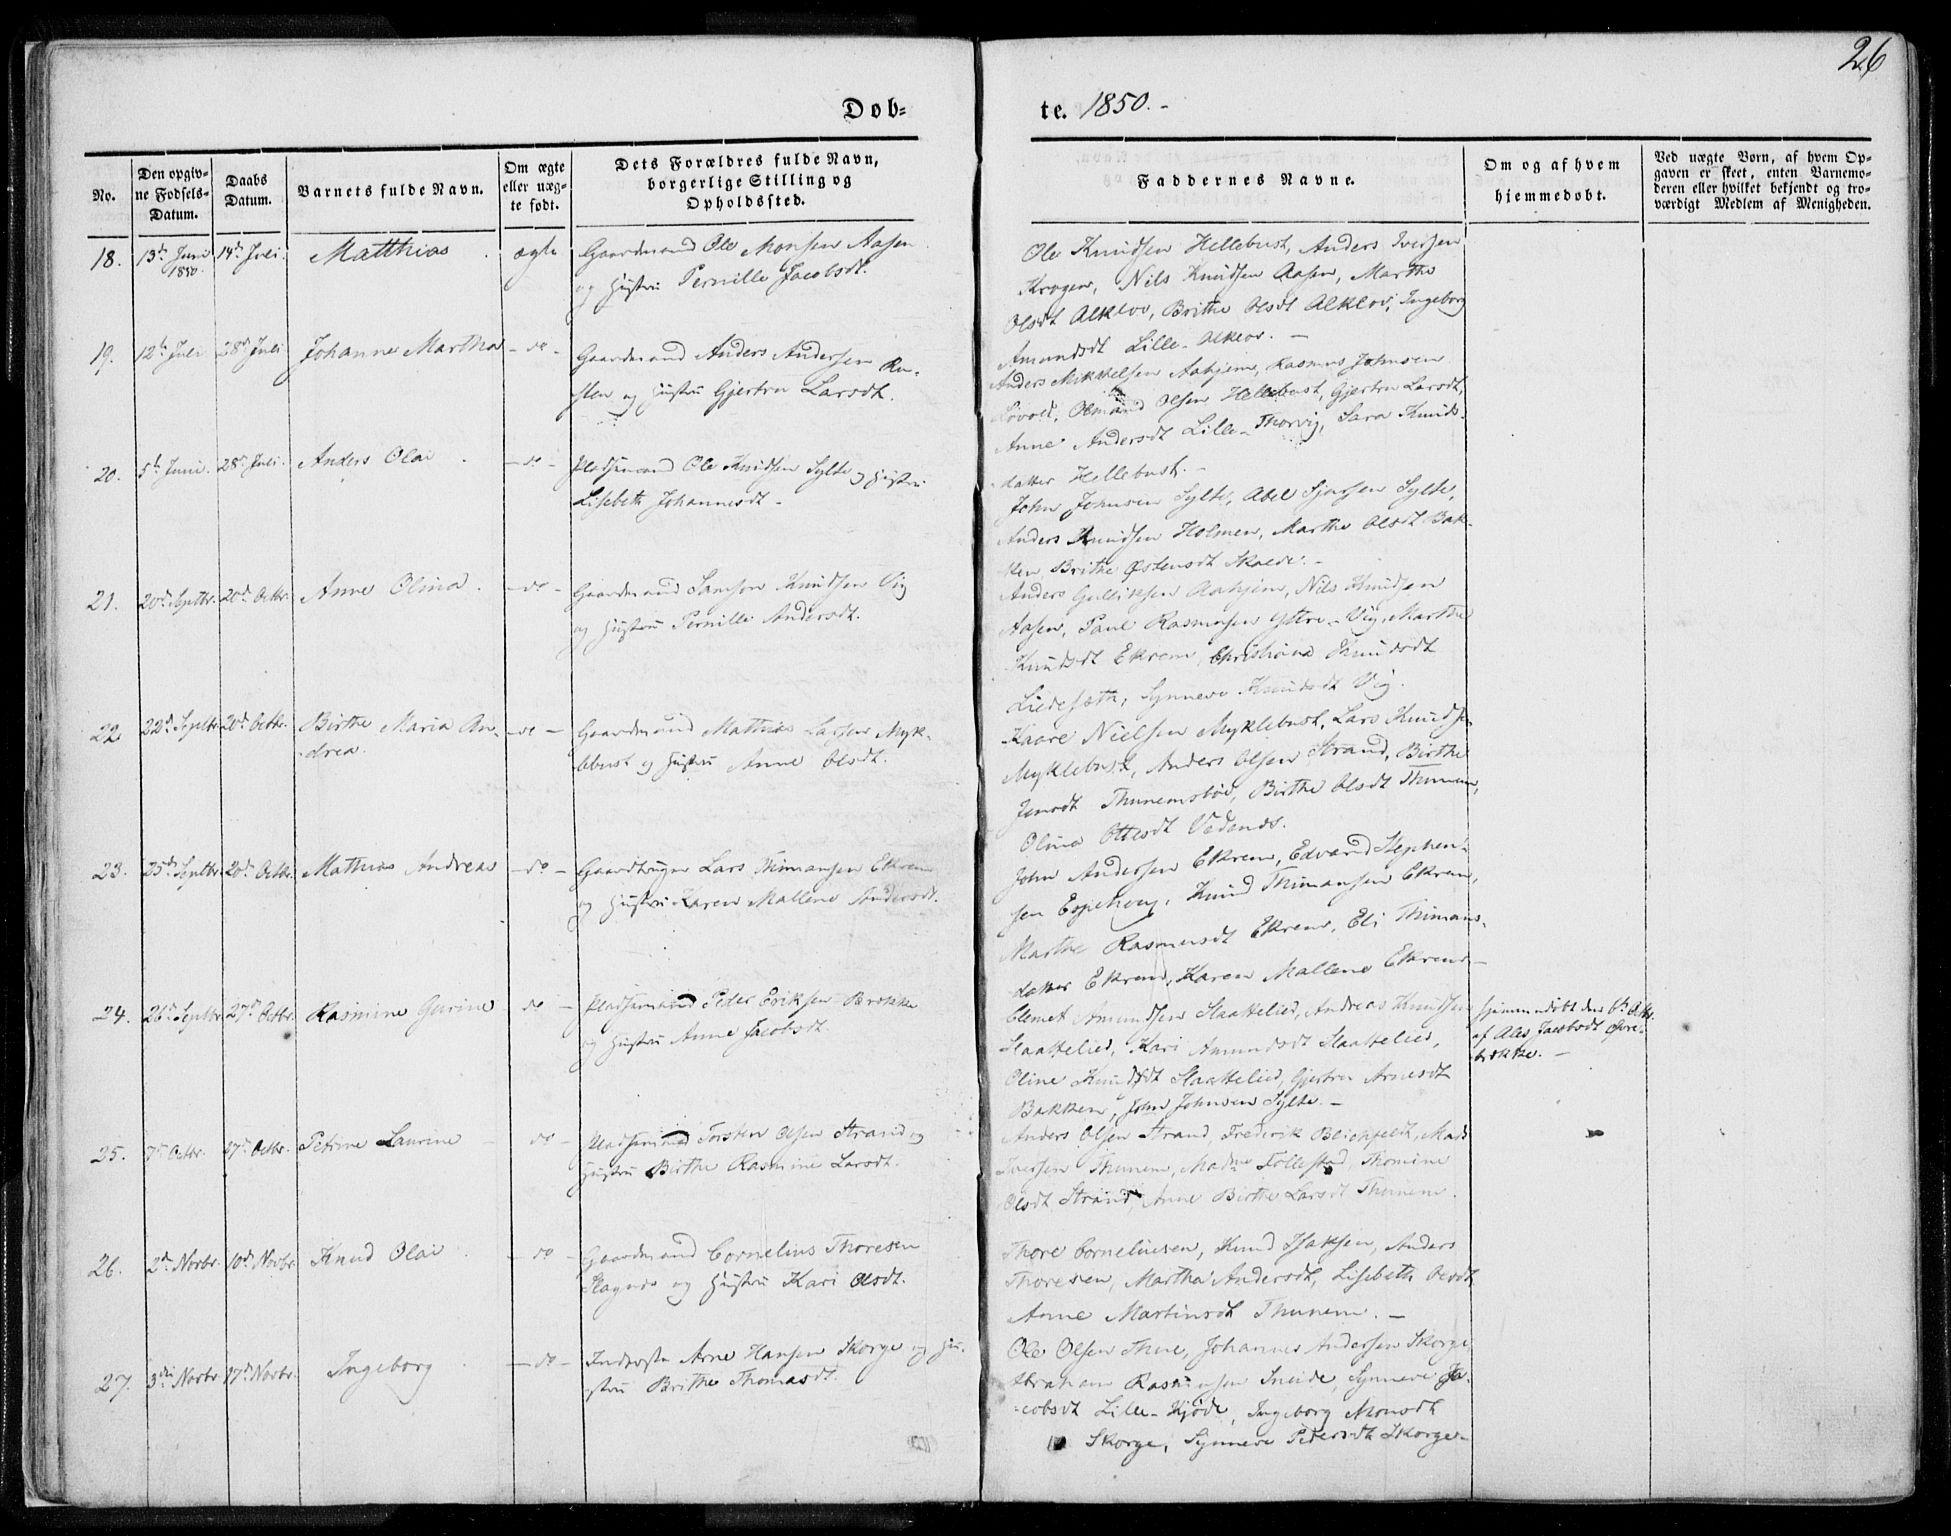 SAT, Ministerialprotokoller, klokkerbøker og fødselsregistre - Møre og Romsdal, 501/L0006: Ministerialbok nr. 501A06, 1844-1868, s. 26